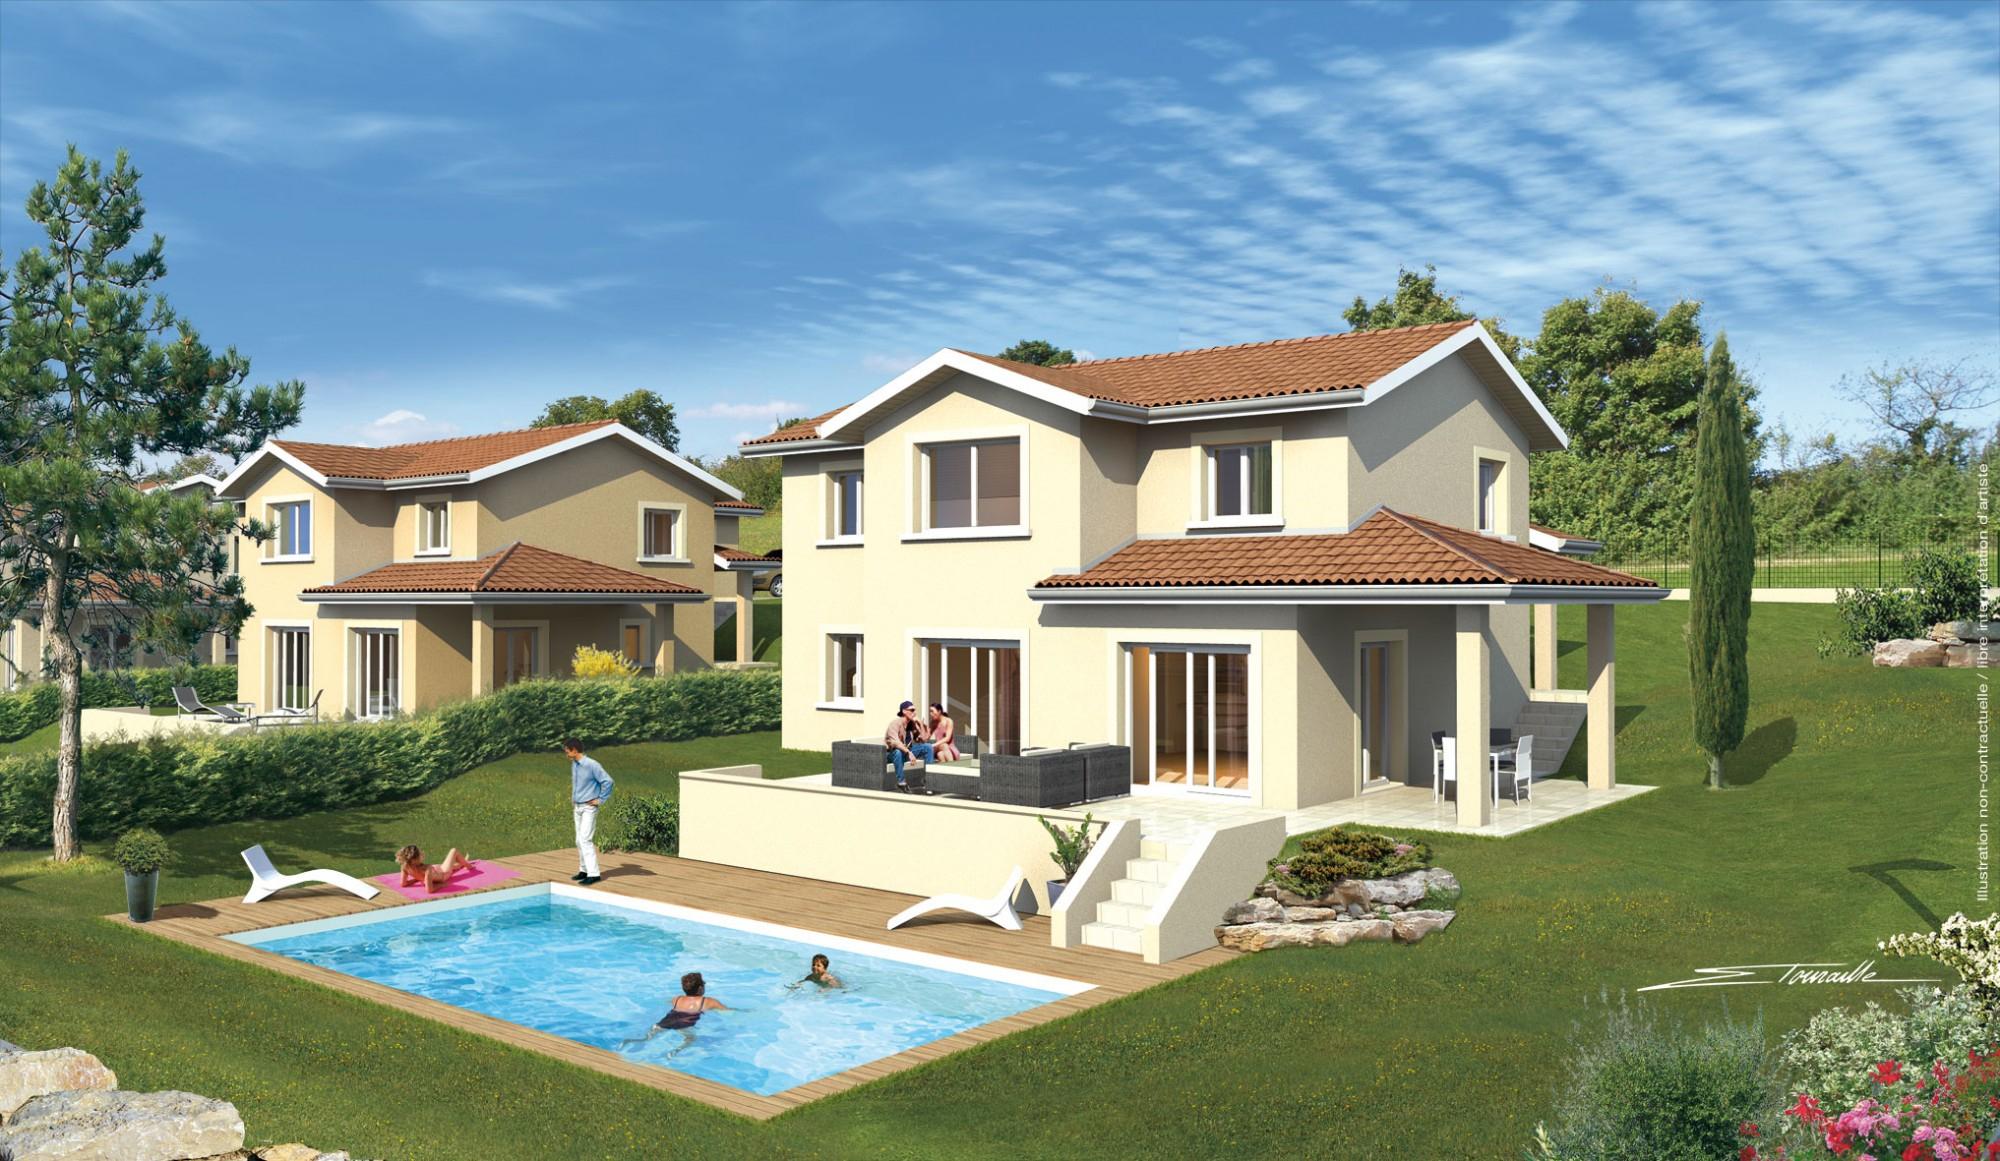 Faire Construire Une Maison Normes Rt2012 Ain - Ganova intérieur Piscine Villefontaine